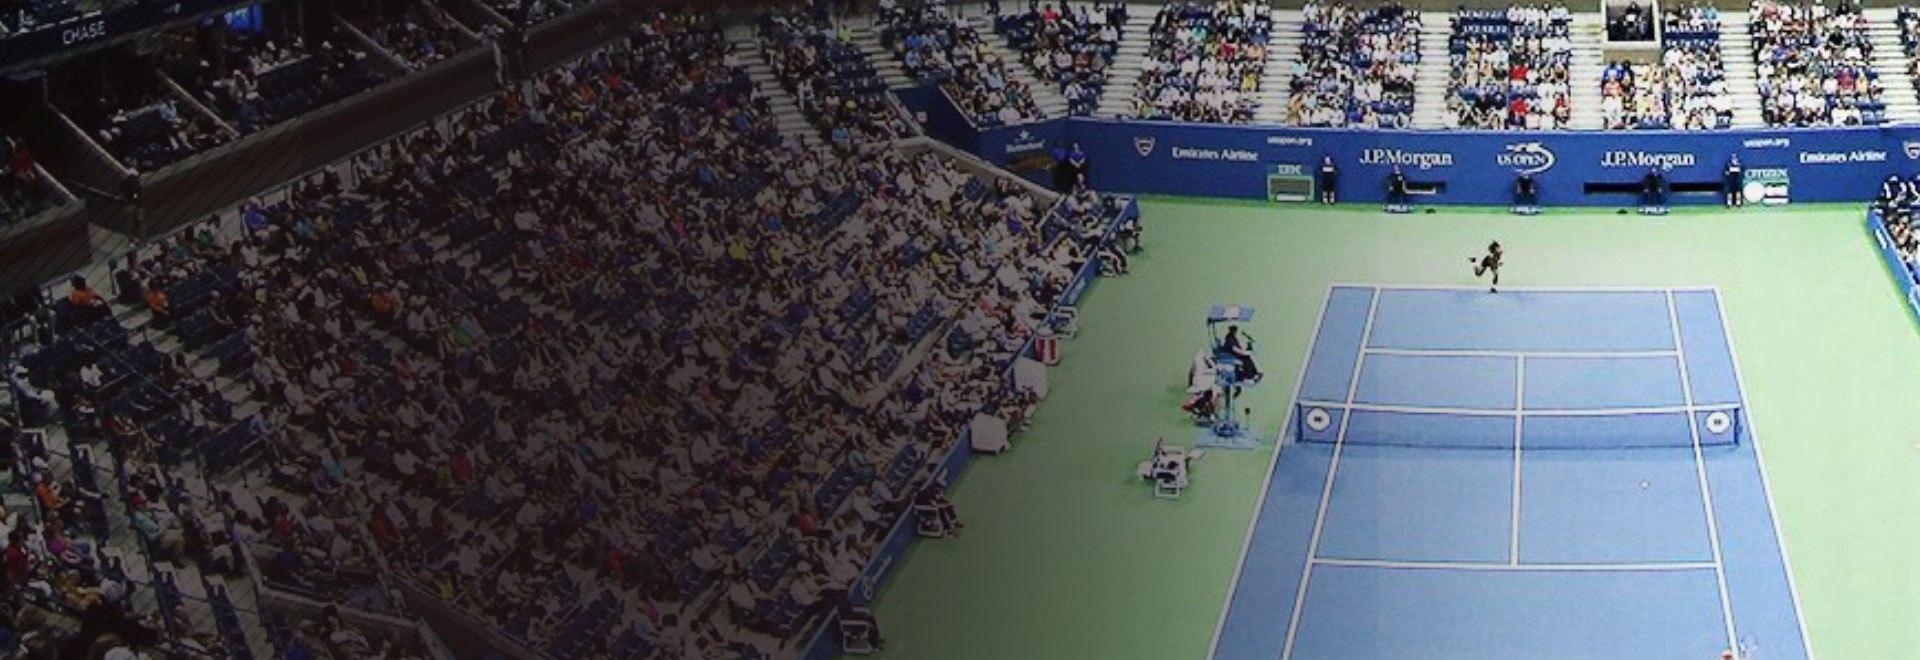 US Open - Stag. 2021 - Doppio